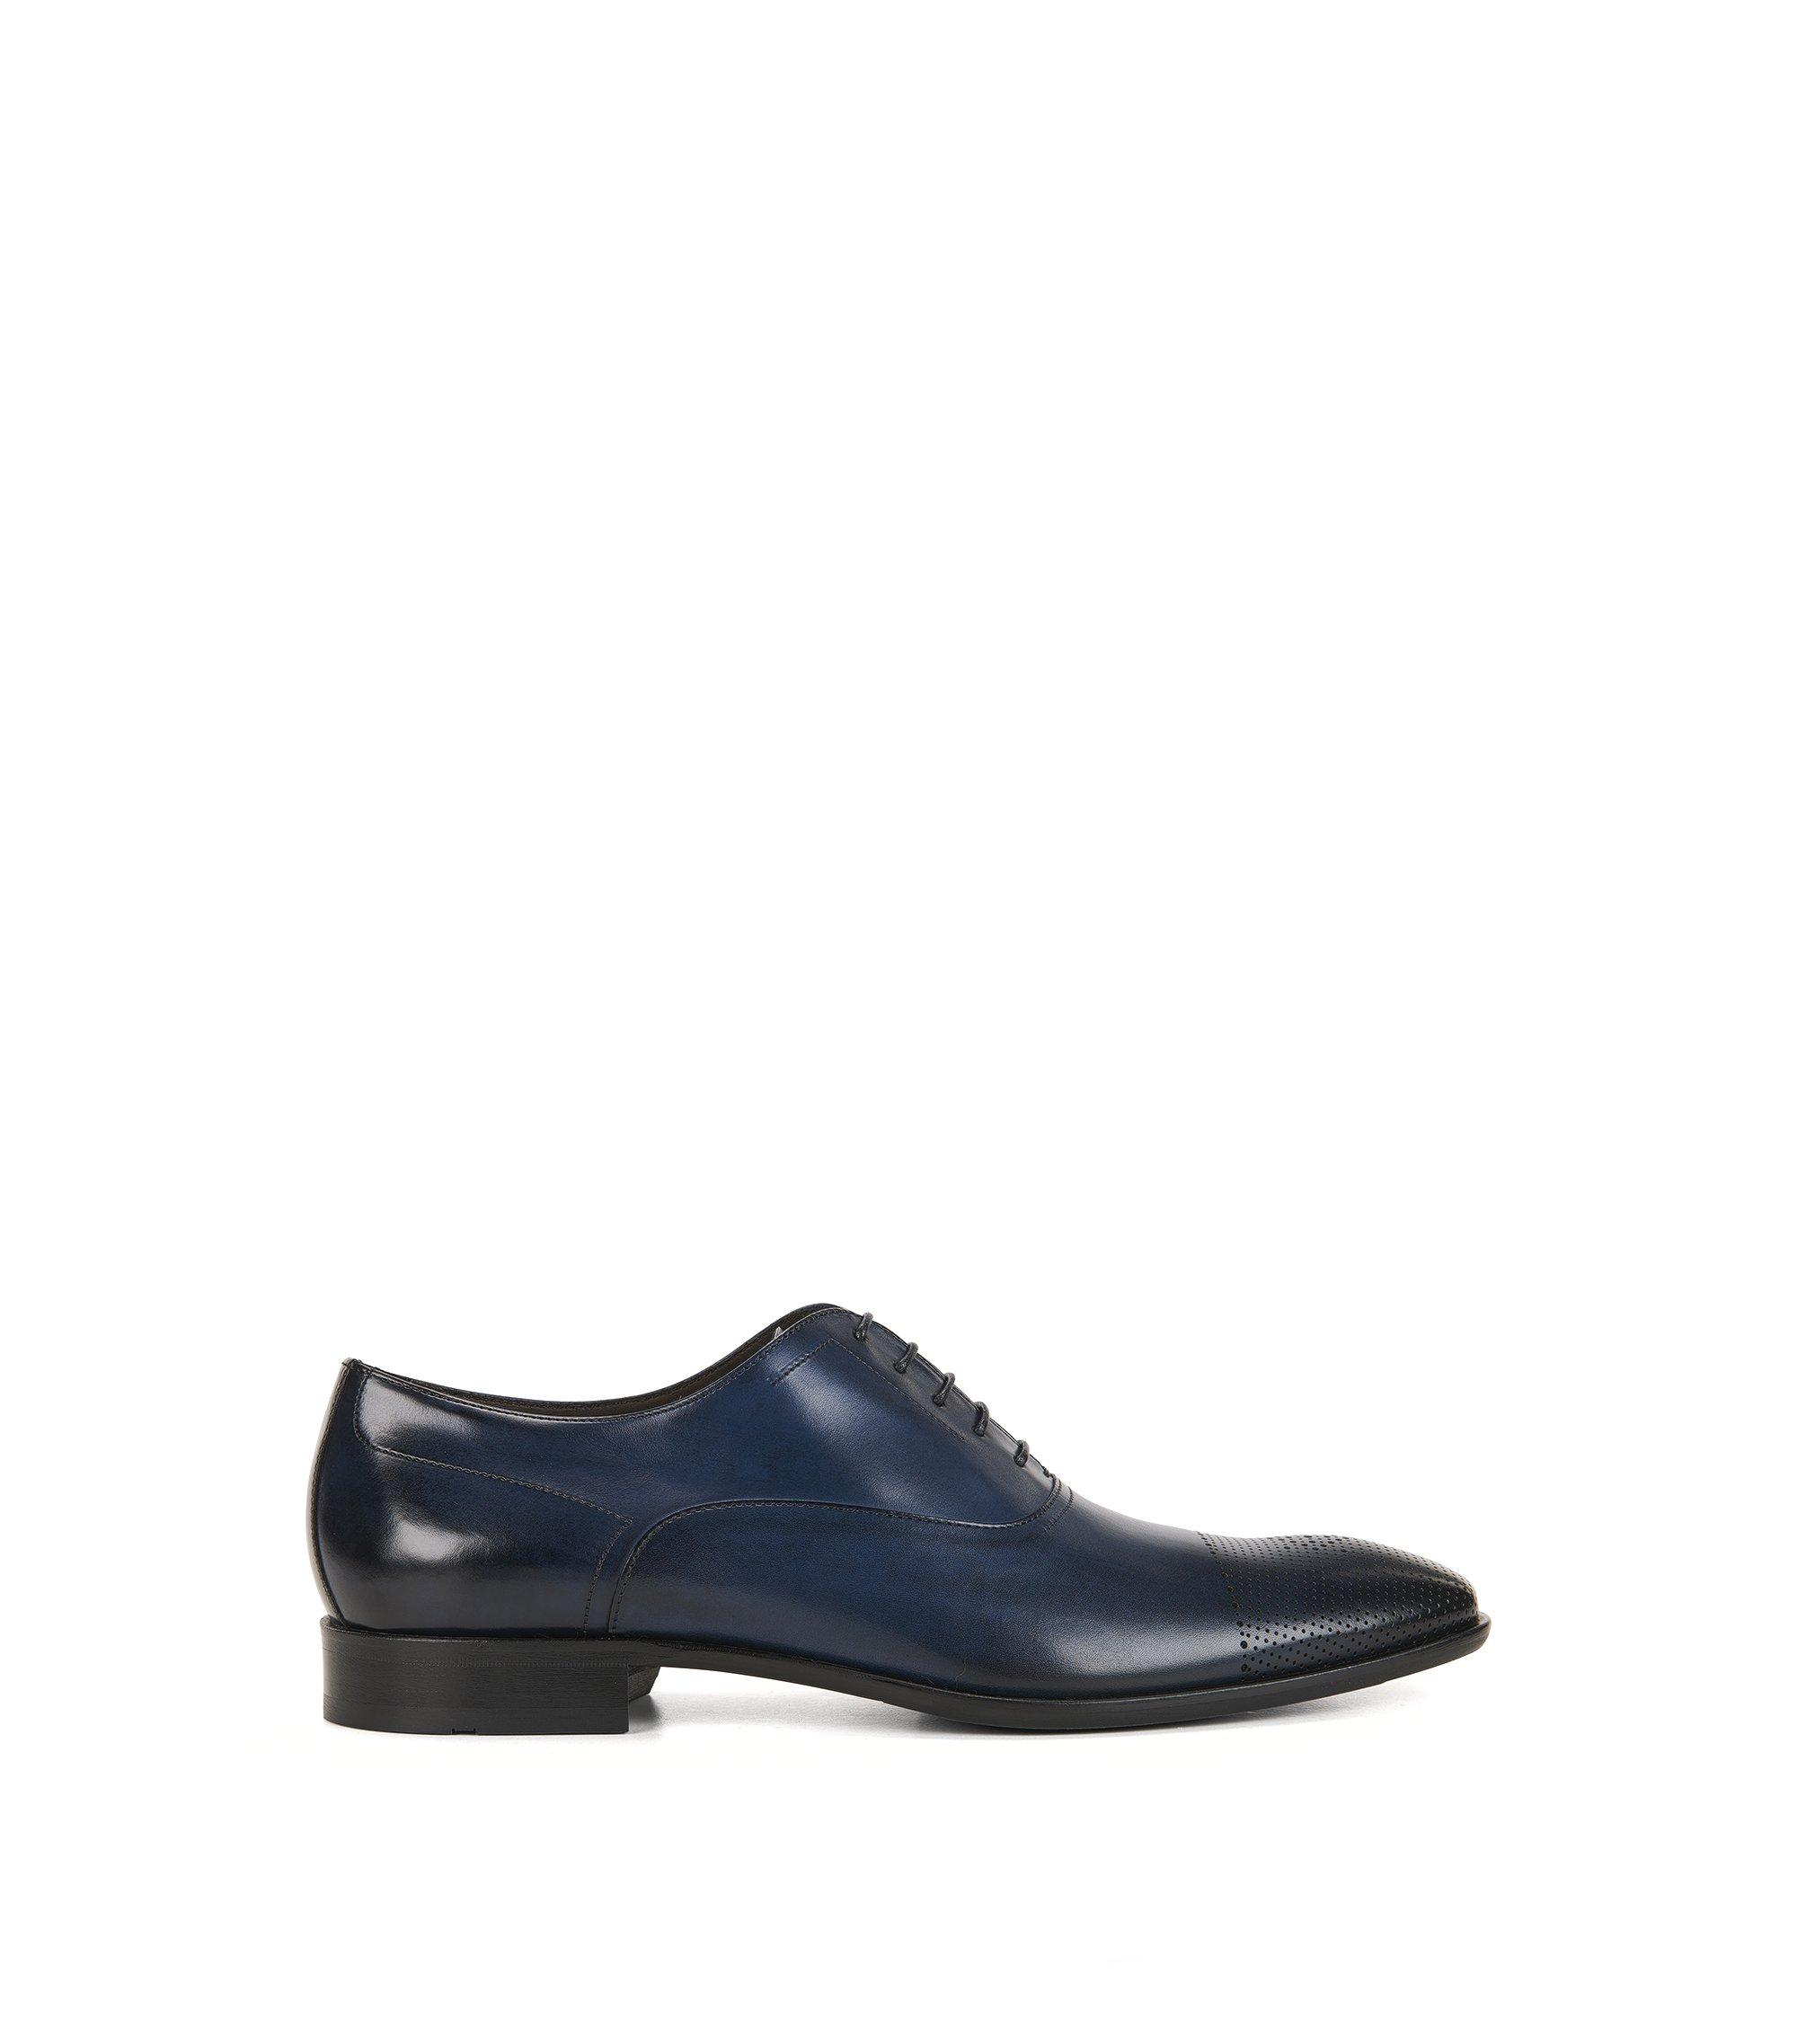 Scarpe Oxford in pelle con punta tagliata al laser, Blu scuro